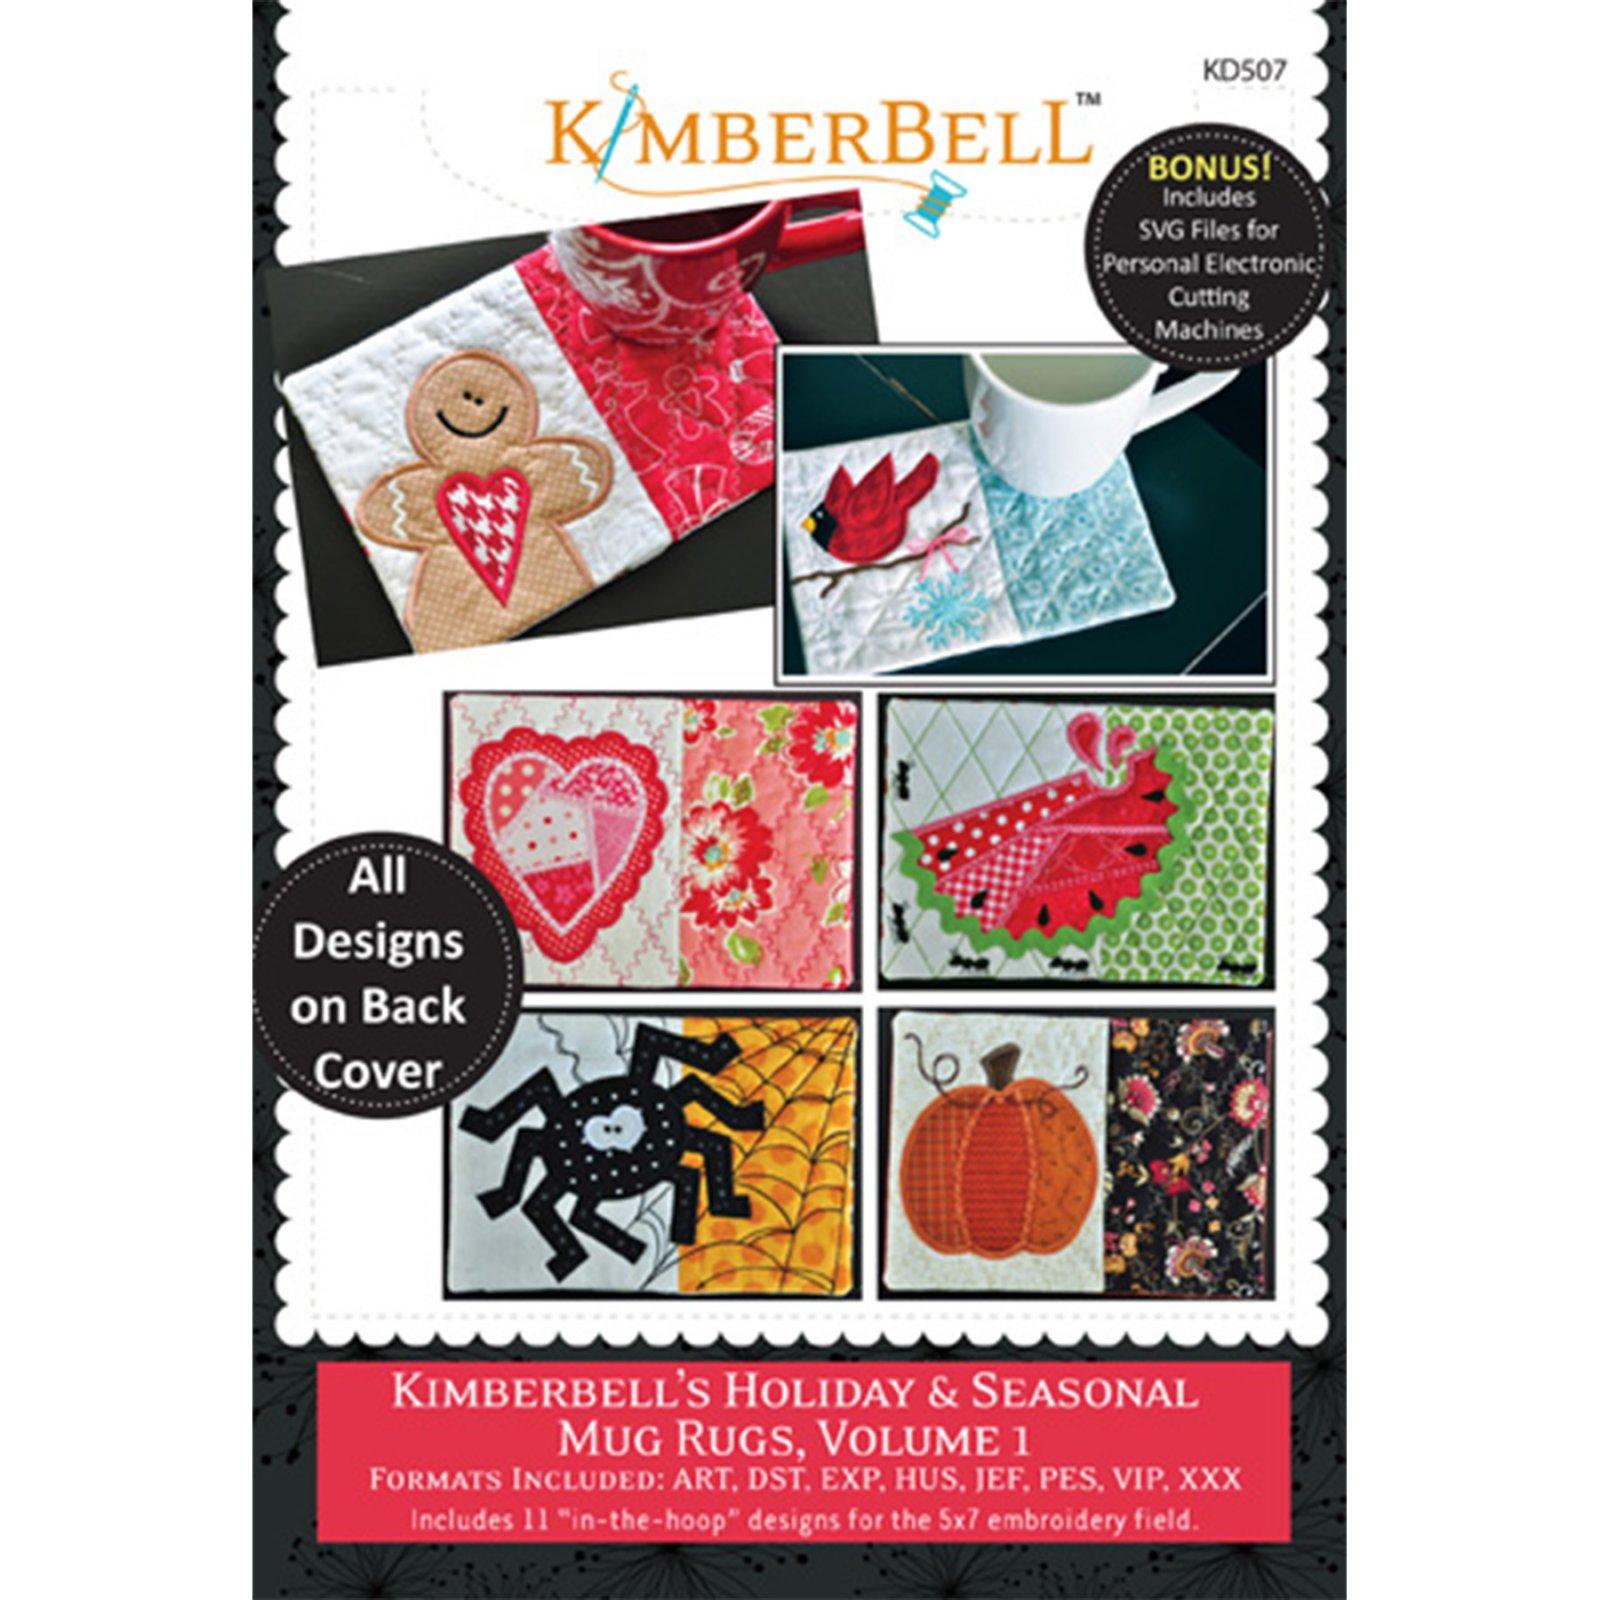 KIMBERBELL HOLIDAY & SEASONAL MUG RUGS VOL 1